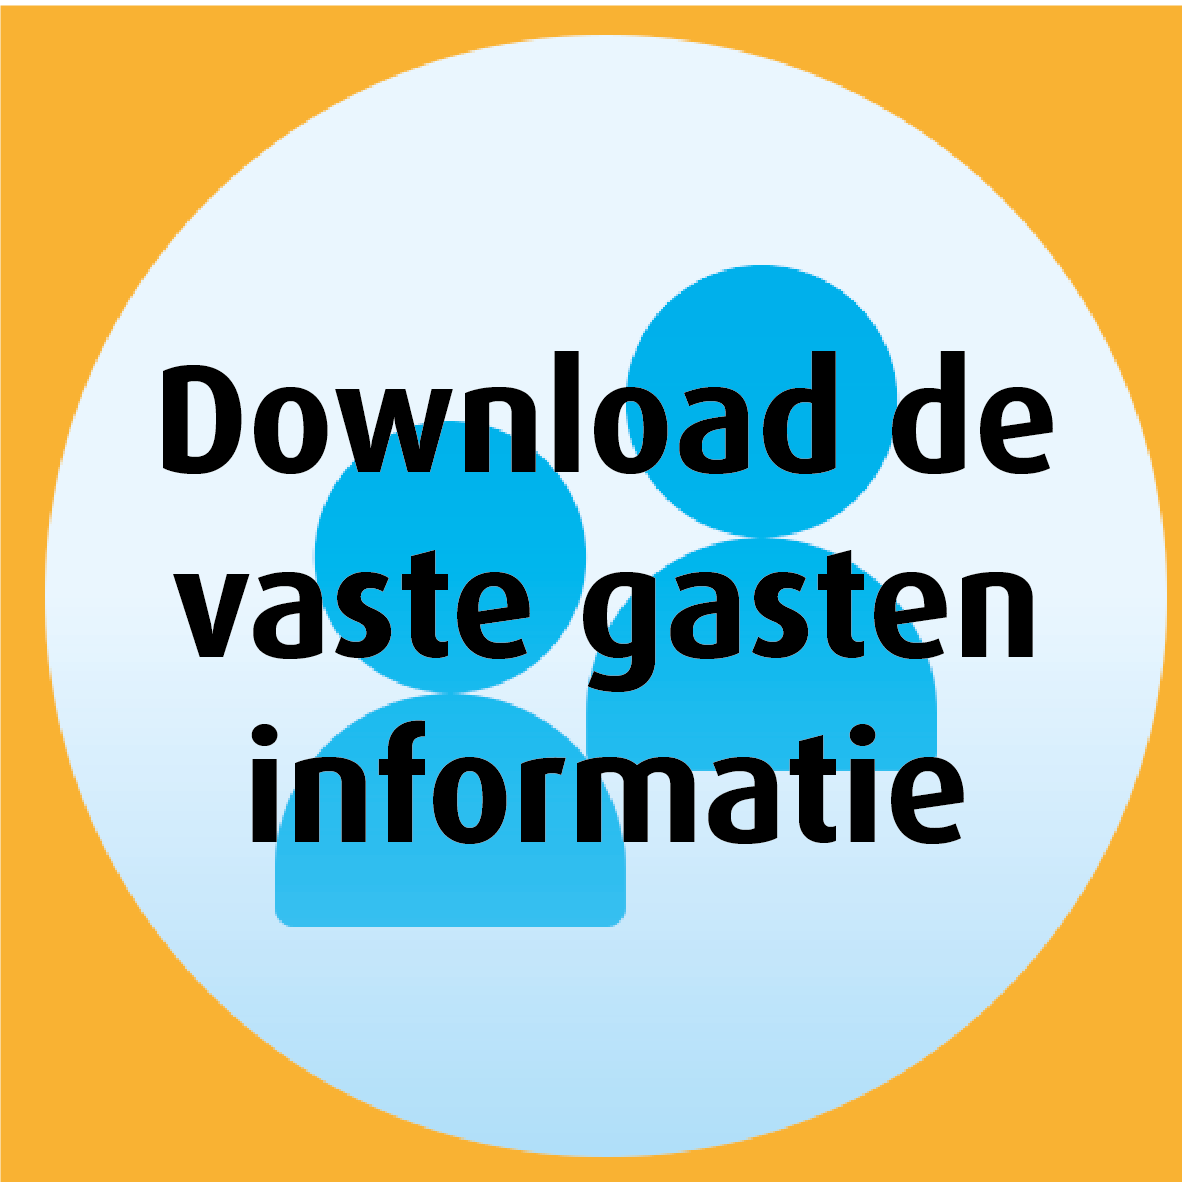 Download de vaste gasten informatie